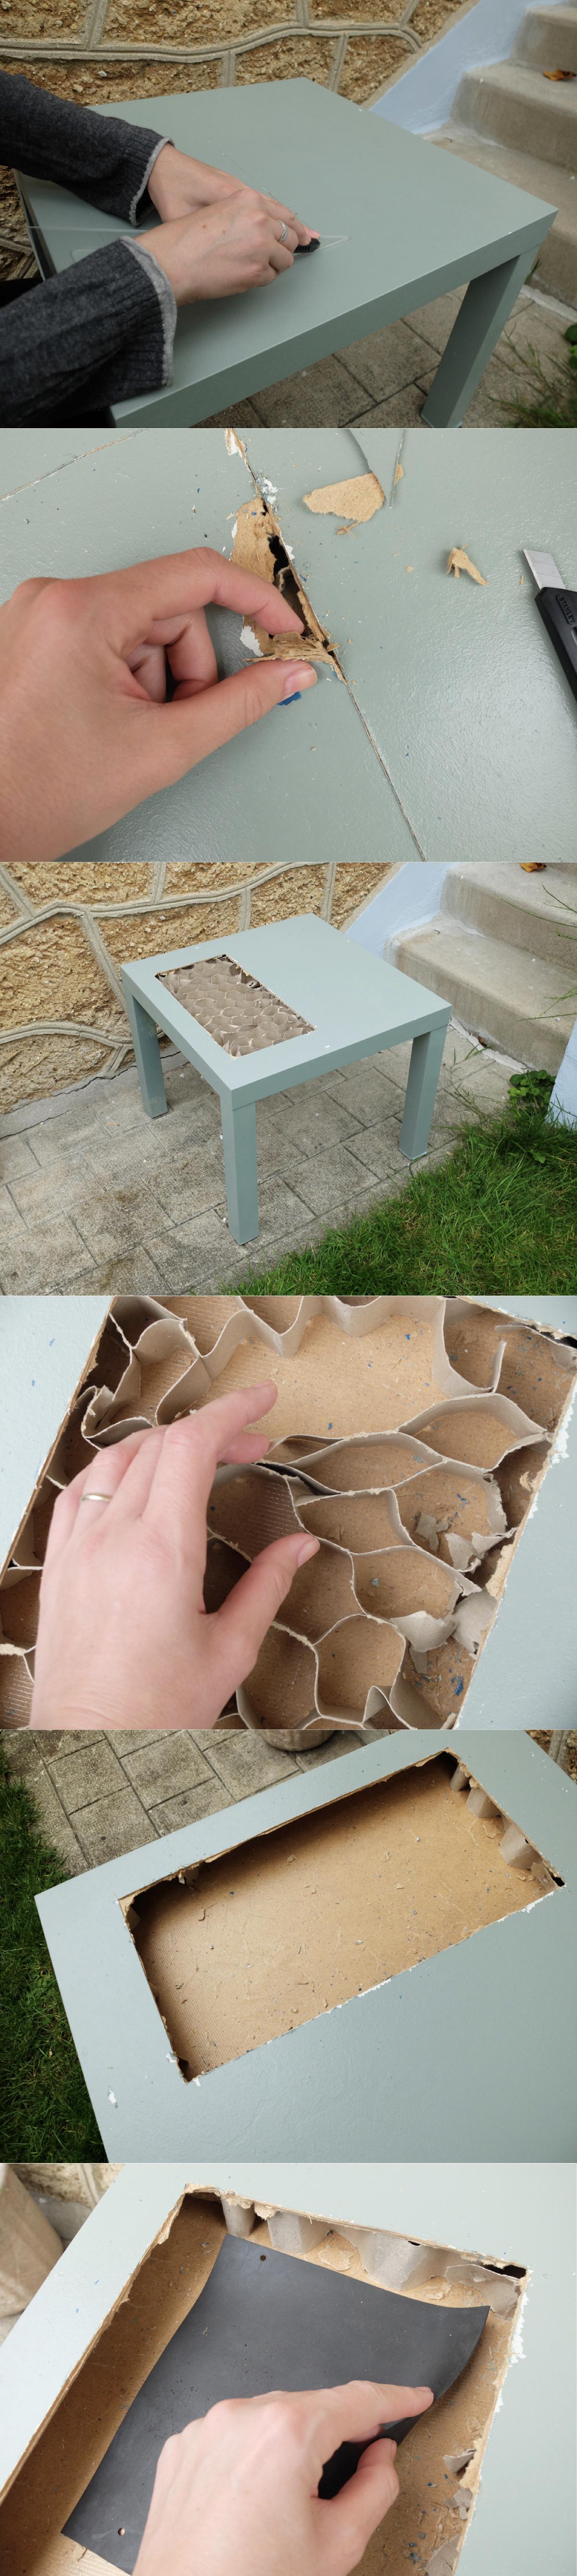 Fabriquer soi-même un table jardiniere pas chère